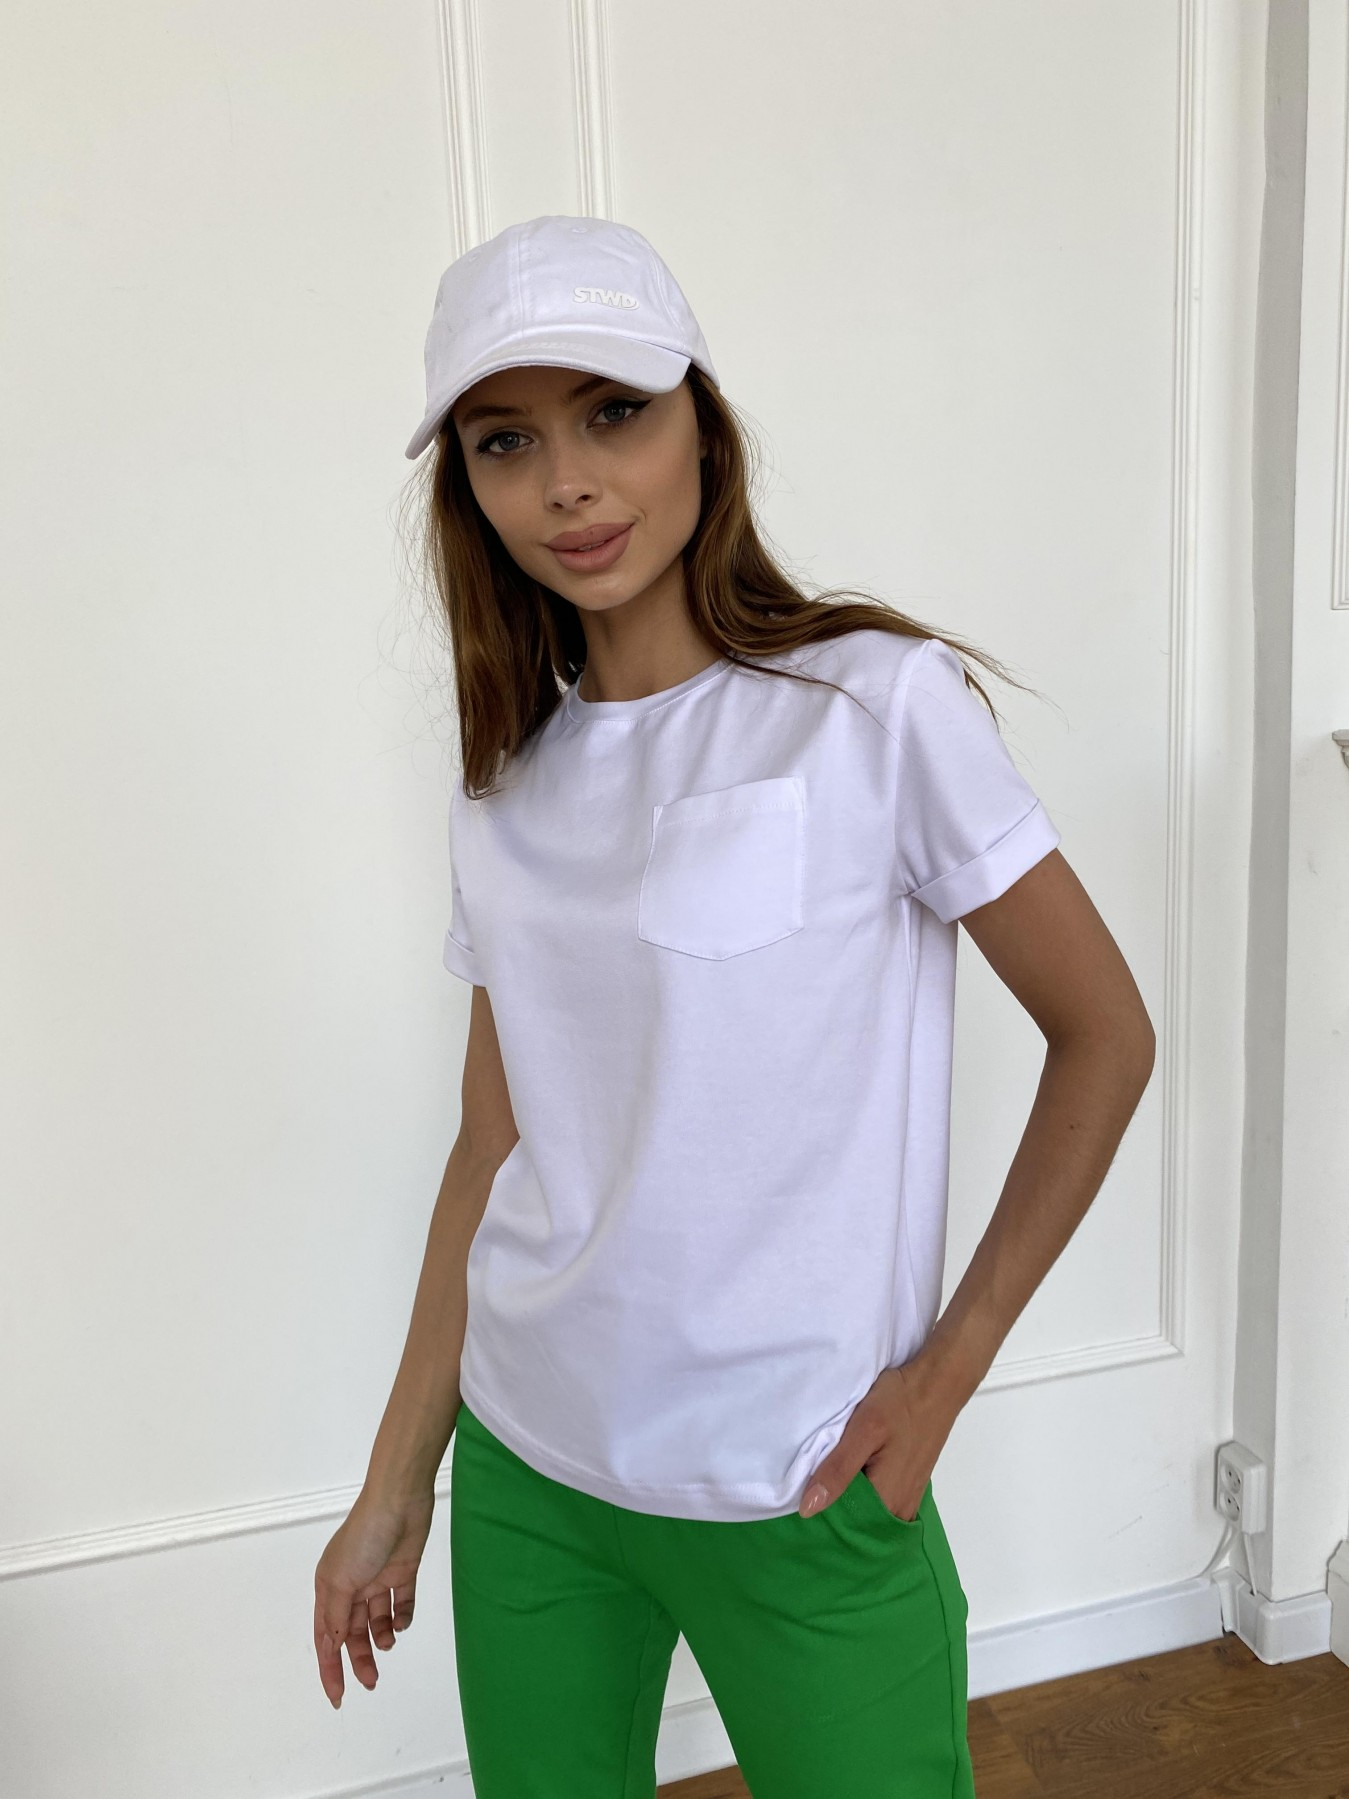 Вуди футболка из вискозы 11224 АРТ. 47750 Цвет: Белый - фото 3, интернет магазин tm-modus.ru